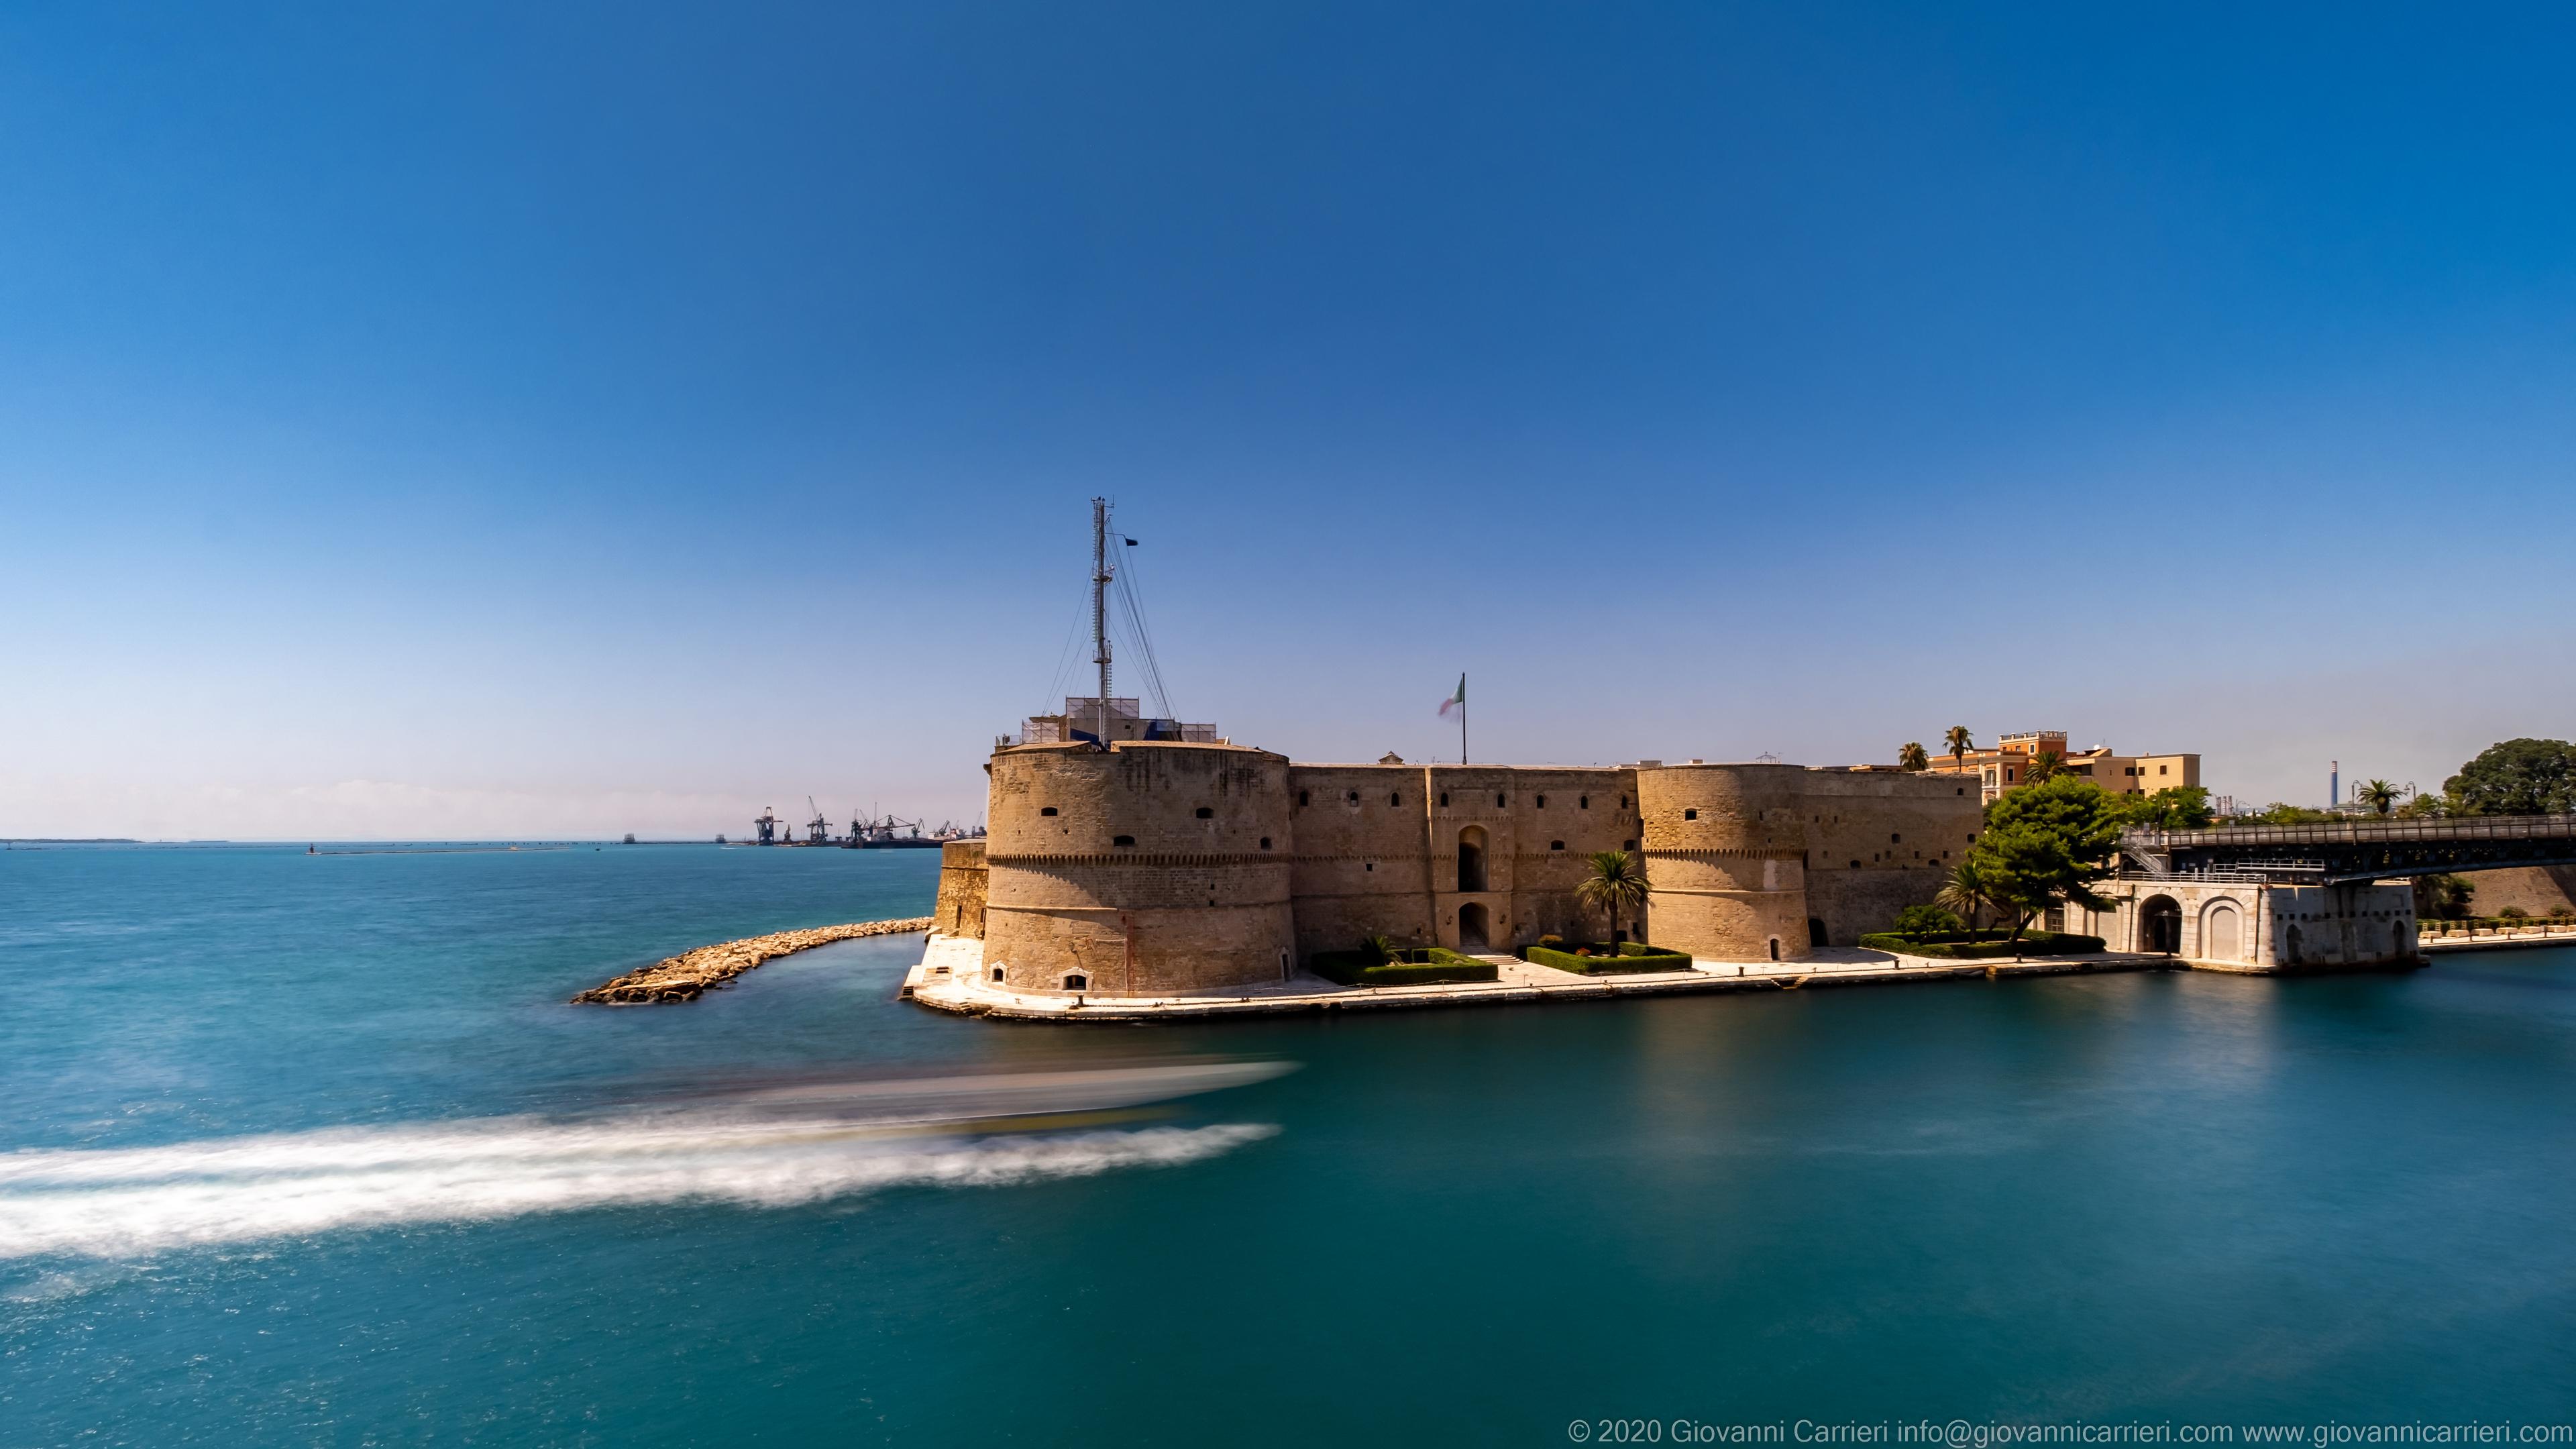 Castel Sant'Angelo Il Castello Aragonese di Taranto chiamato anche Castel Sant'Angelo, in una calda ed assolata giornata estiva.